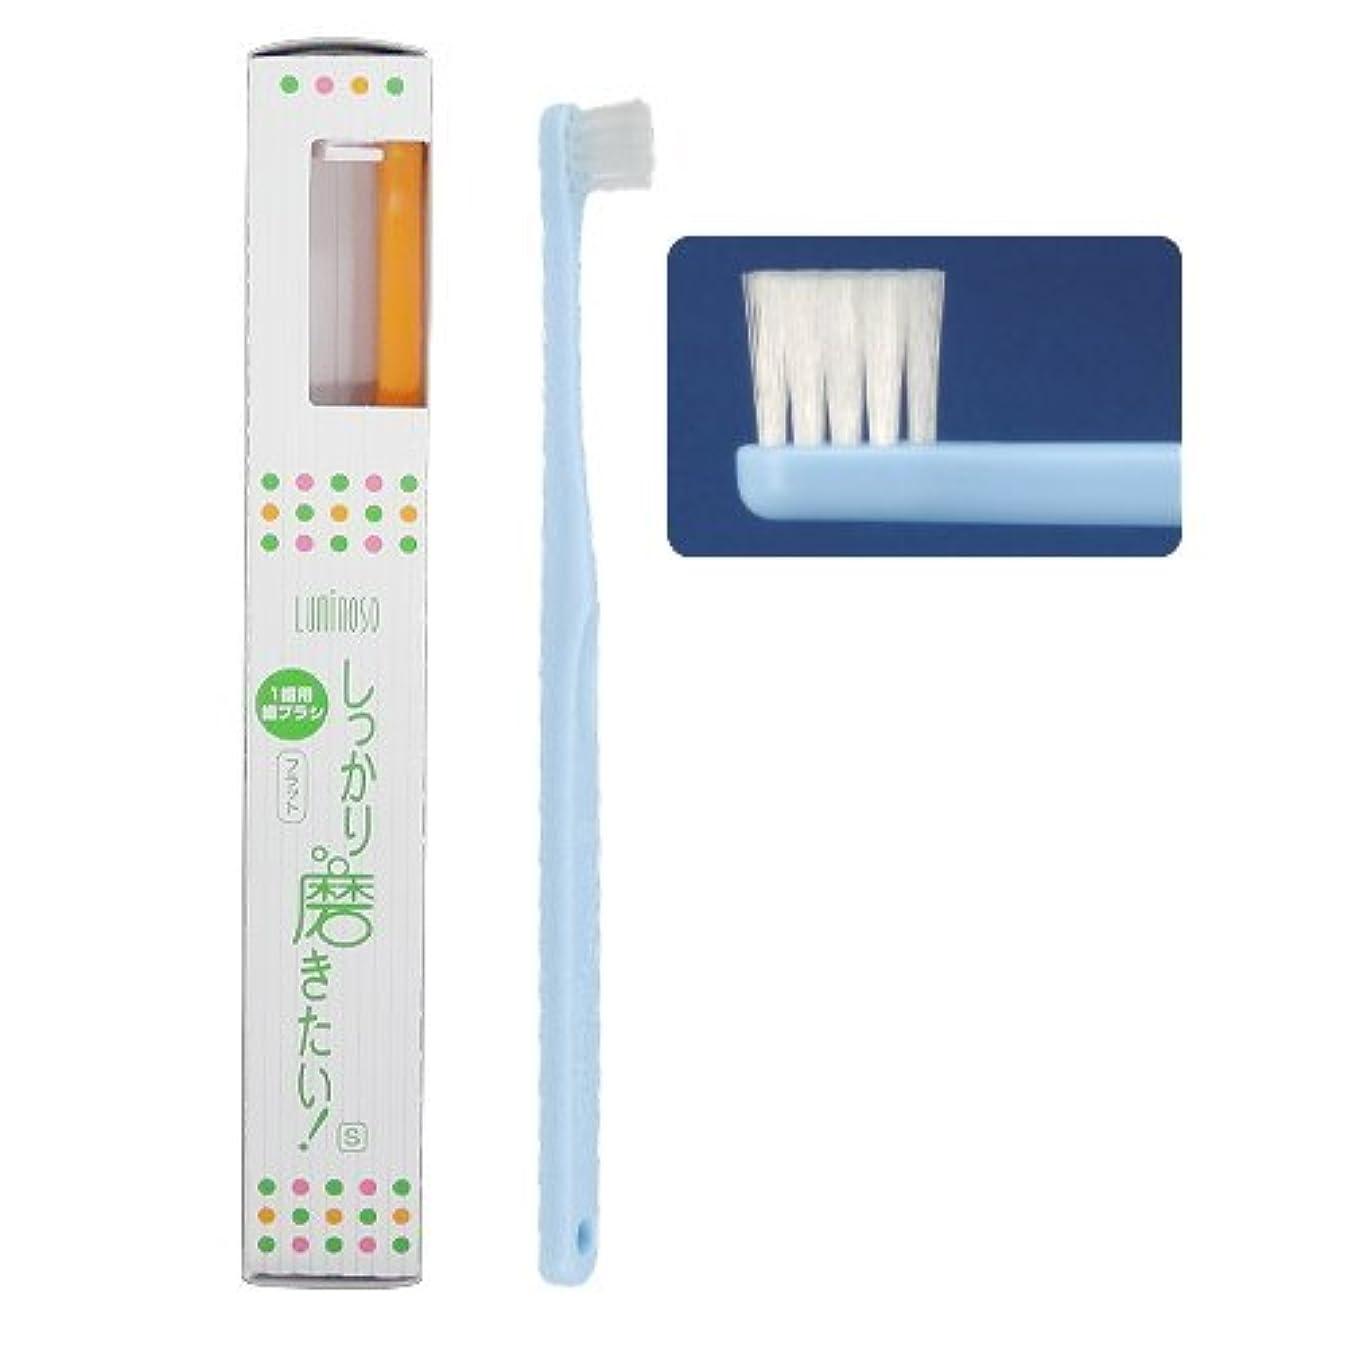 廃棄変わるライナールミノソ 1歯用歯ブラシ 「しっかり磨きたい!」 フラット ソフト (カラー指定不可) 10本